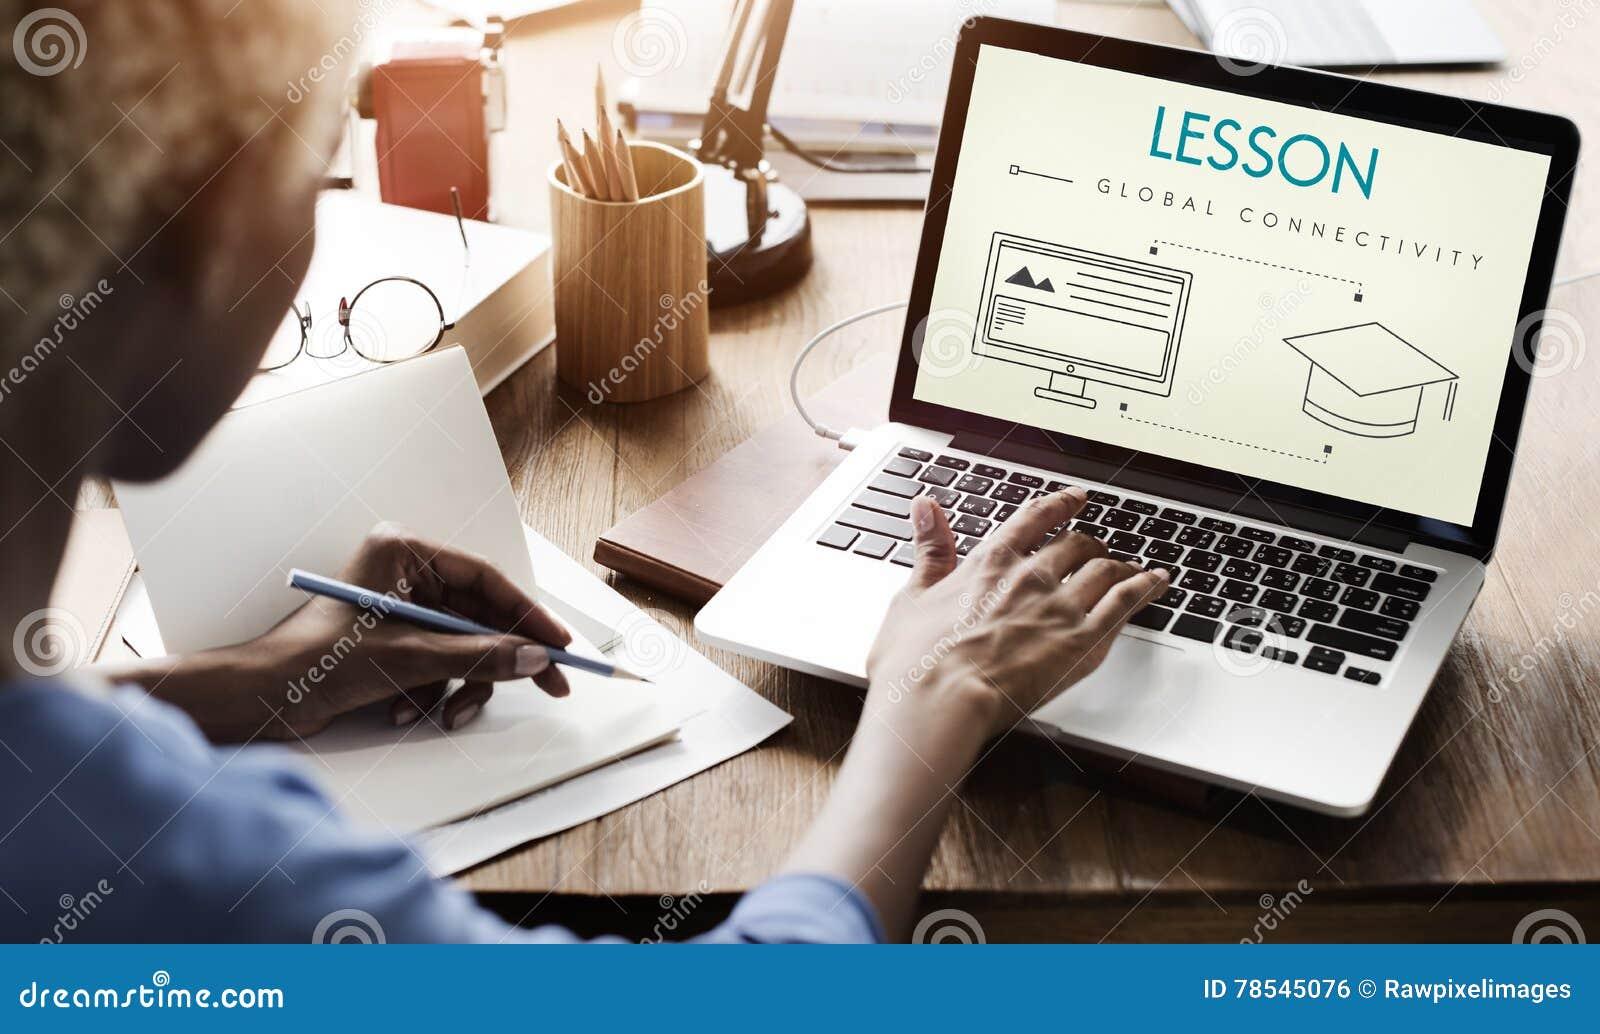 Studente globale Graphic Concept di connettività di lezione